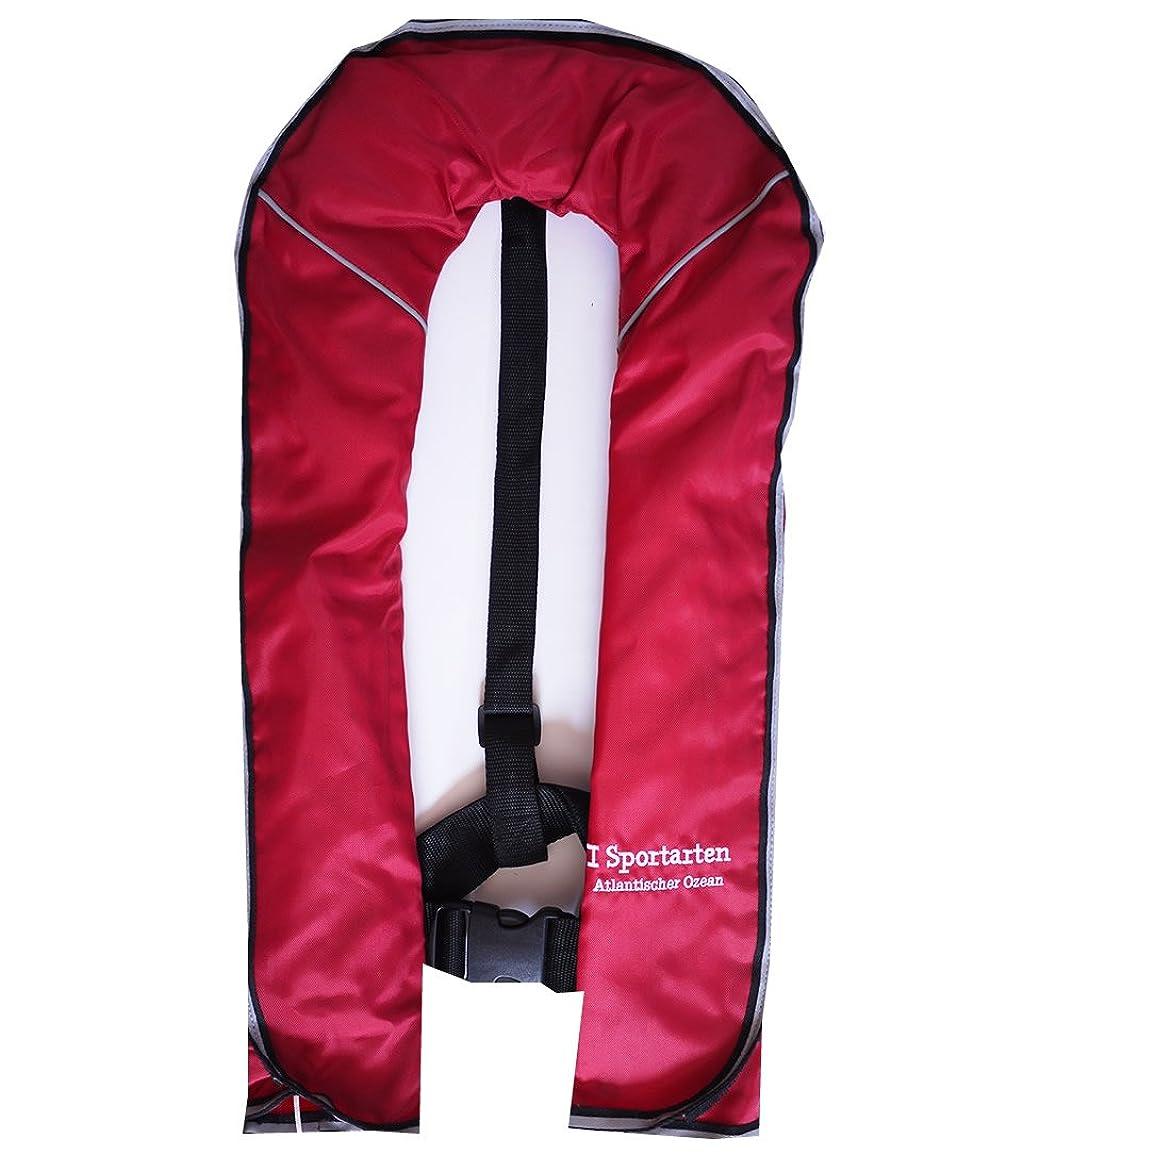 手順欠伸共産主義I sportartenアイシュポルテン ライフジャケット ベストタイプ 自動膨張式 -体重150kg対応